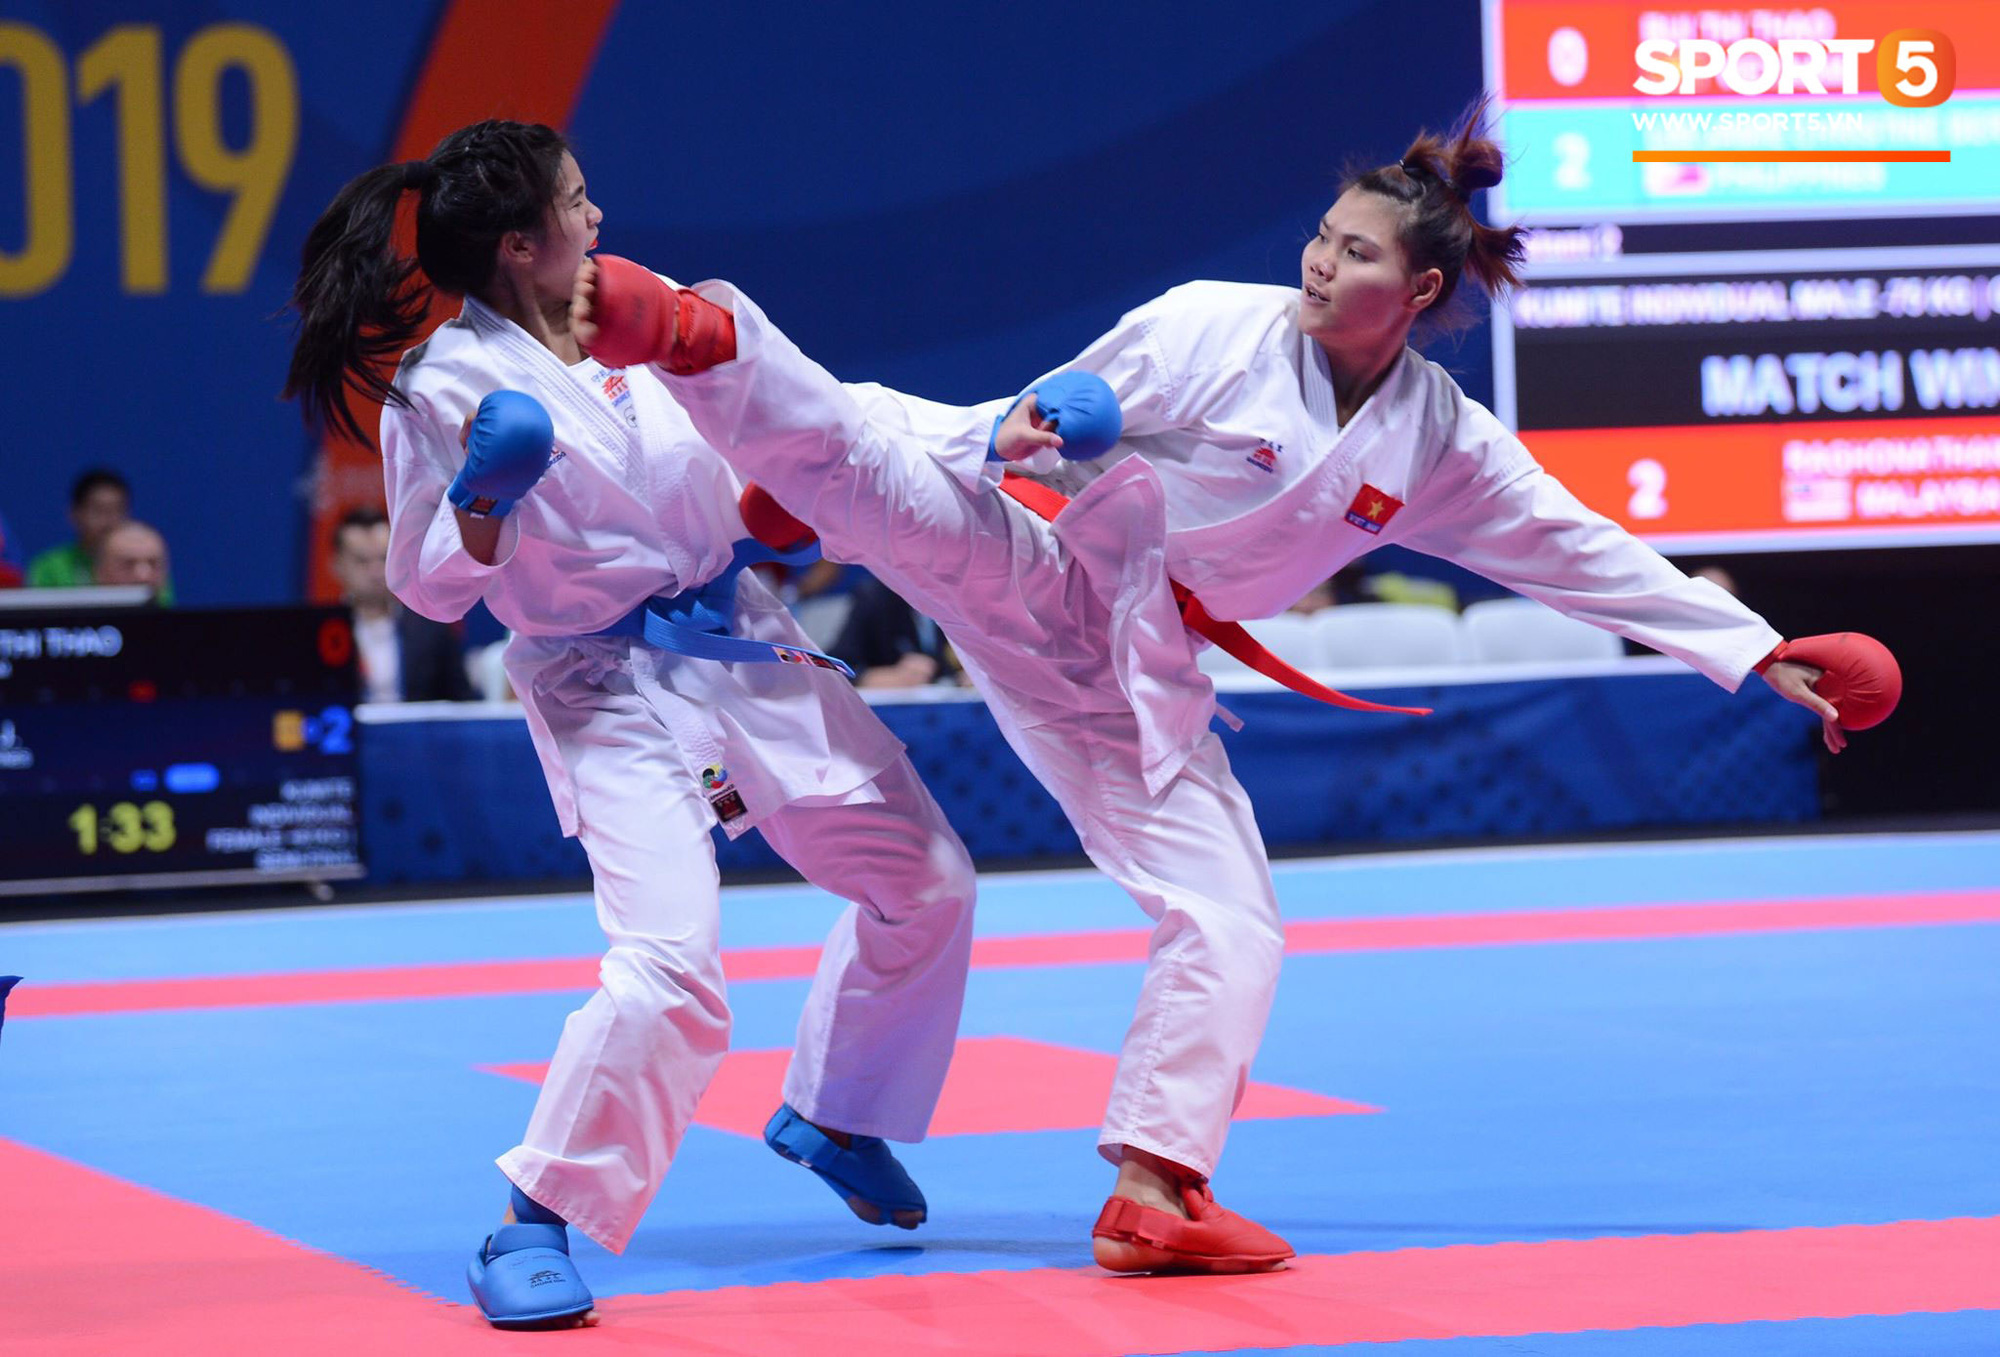 SEA Games ngày 9/12: Chờ tuyển bóng chuyền nữ Việt Nam tạo nên bất ngờ trước Thái Lan ở chung kết - Ảnh 5.